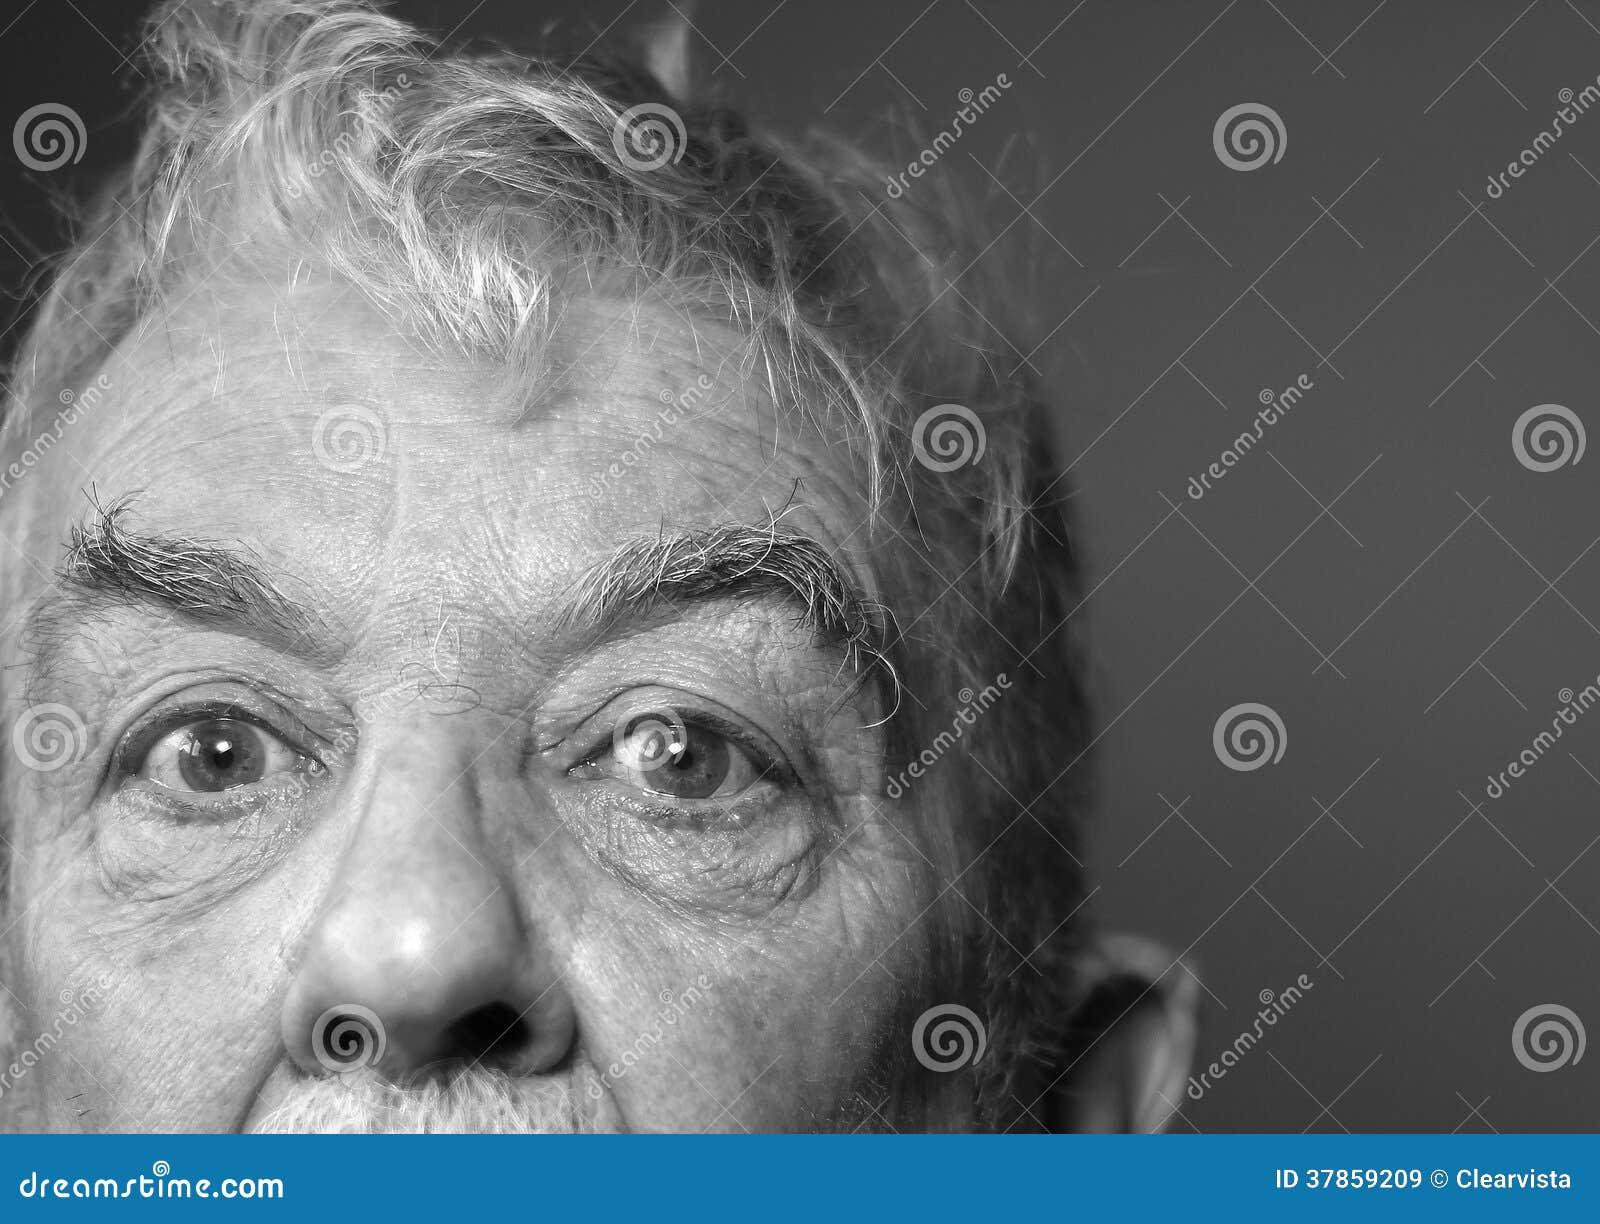 Los Ojos Tristes Del Viejo Hombre Blanco Y Negro Imagen De Archivo